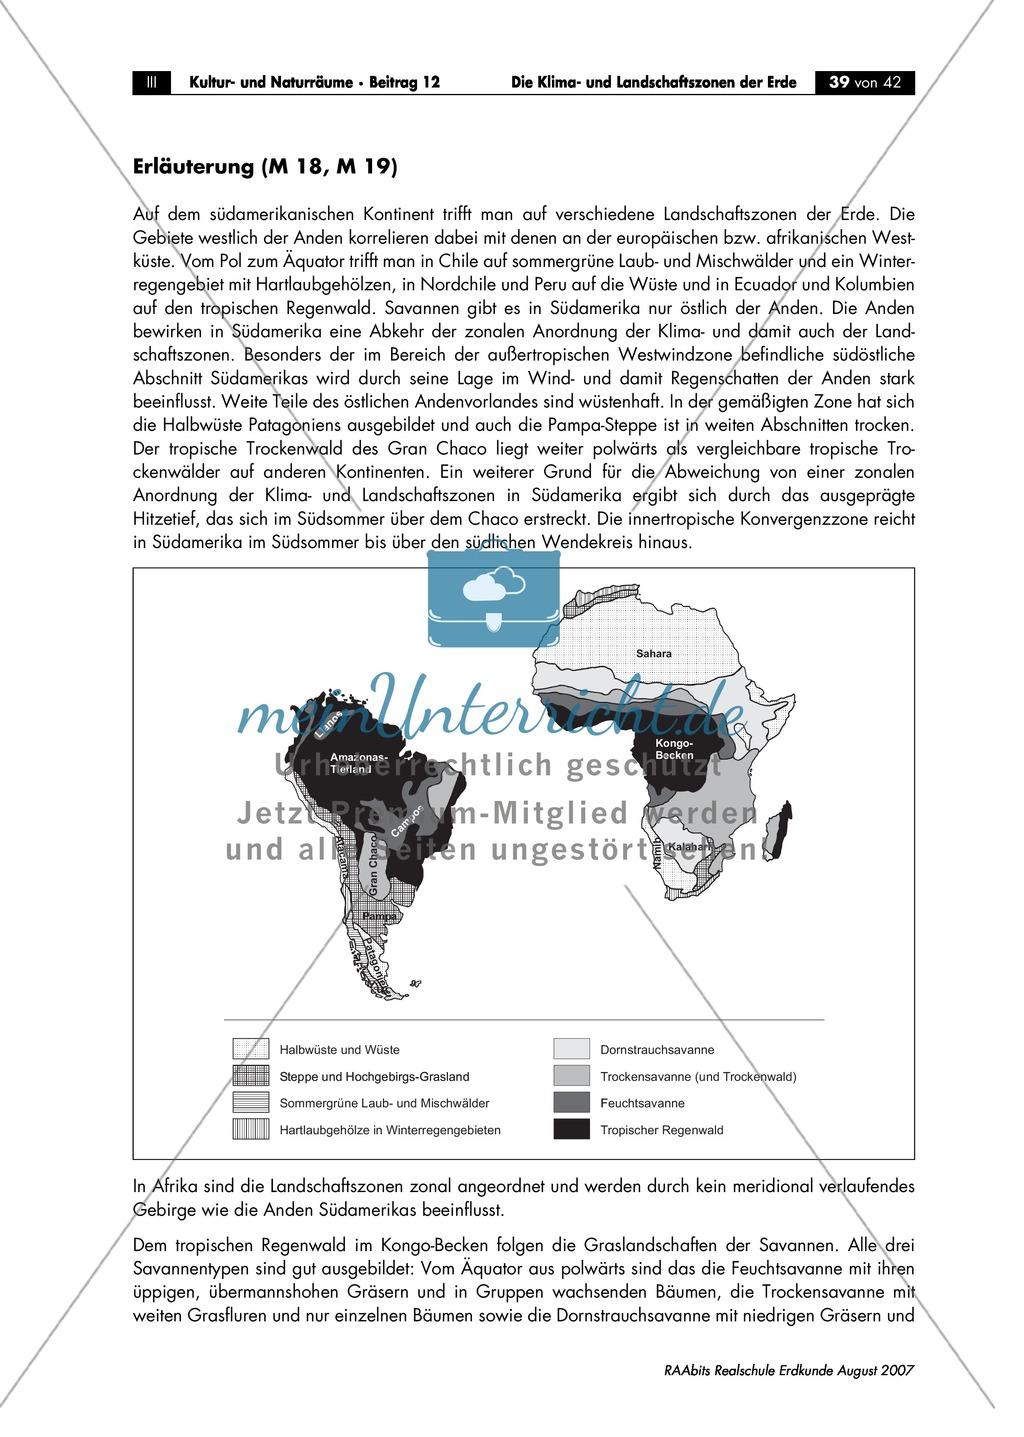 Klima- und Landschaftszonen der Erde: Landschaftszonen der Erde Preview 6